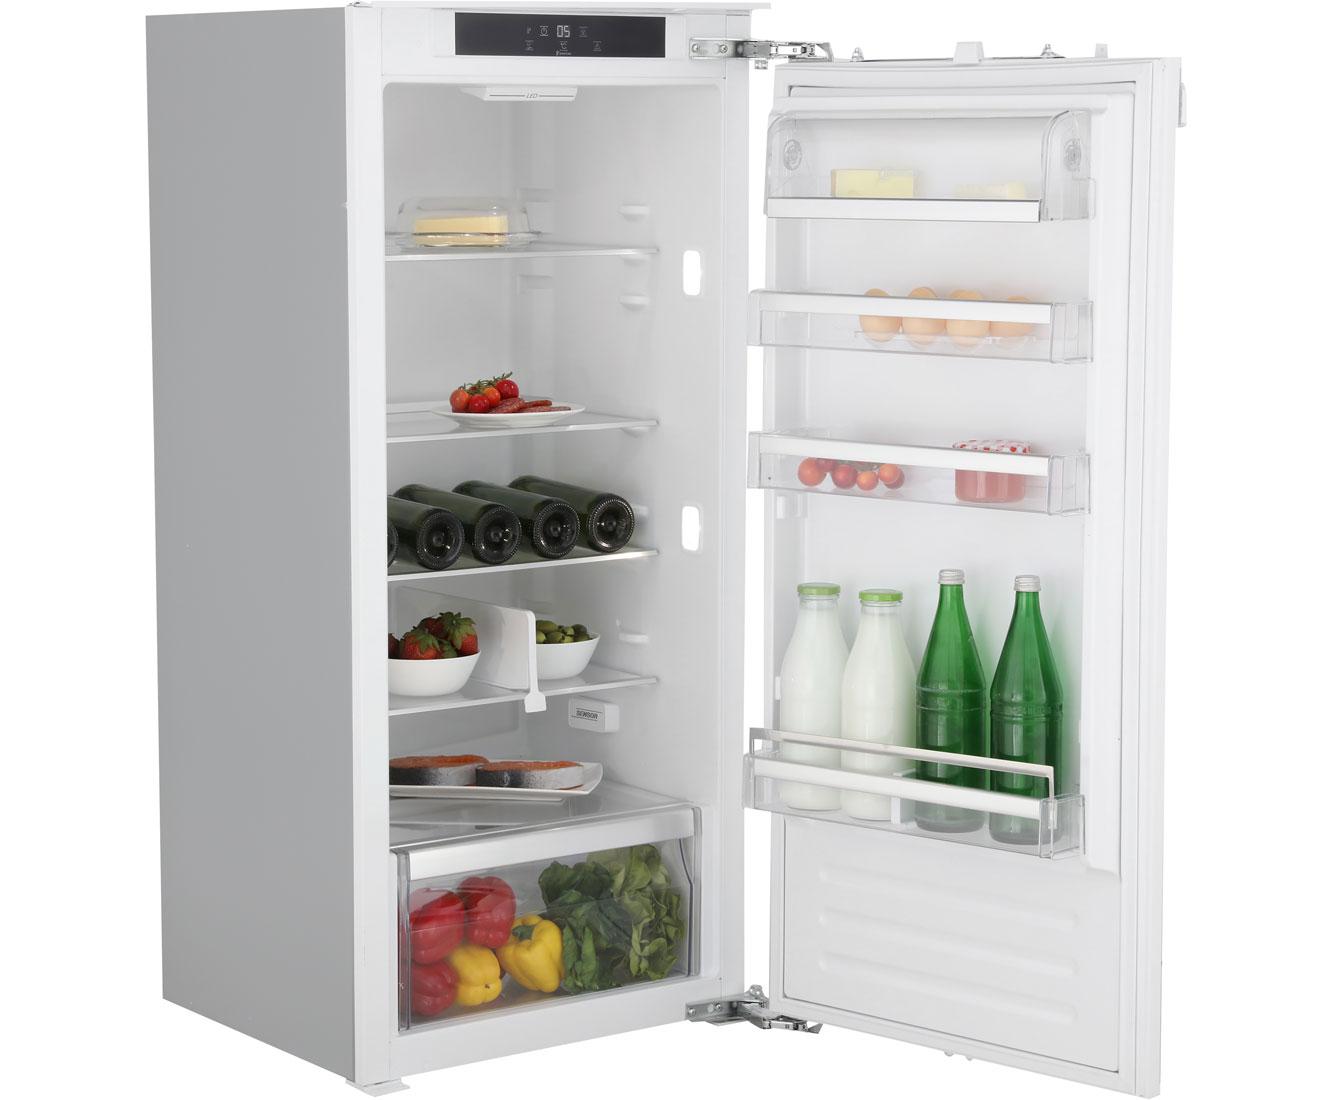 Mini Kühlschrank Mit Schrank : Mini kühlschrank im schrank: rosenstein söhne reisekühlschrank